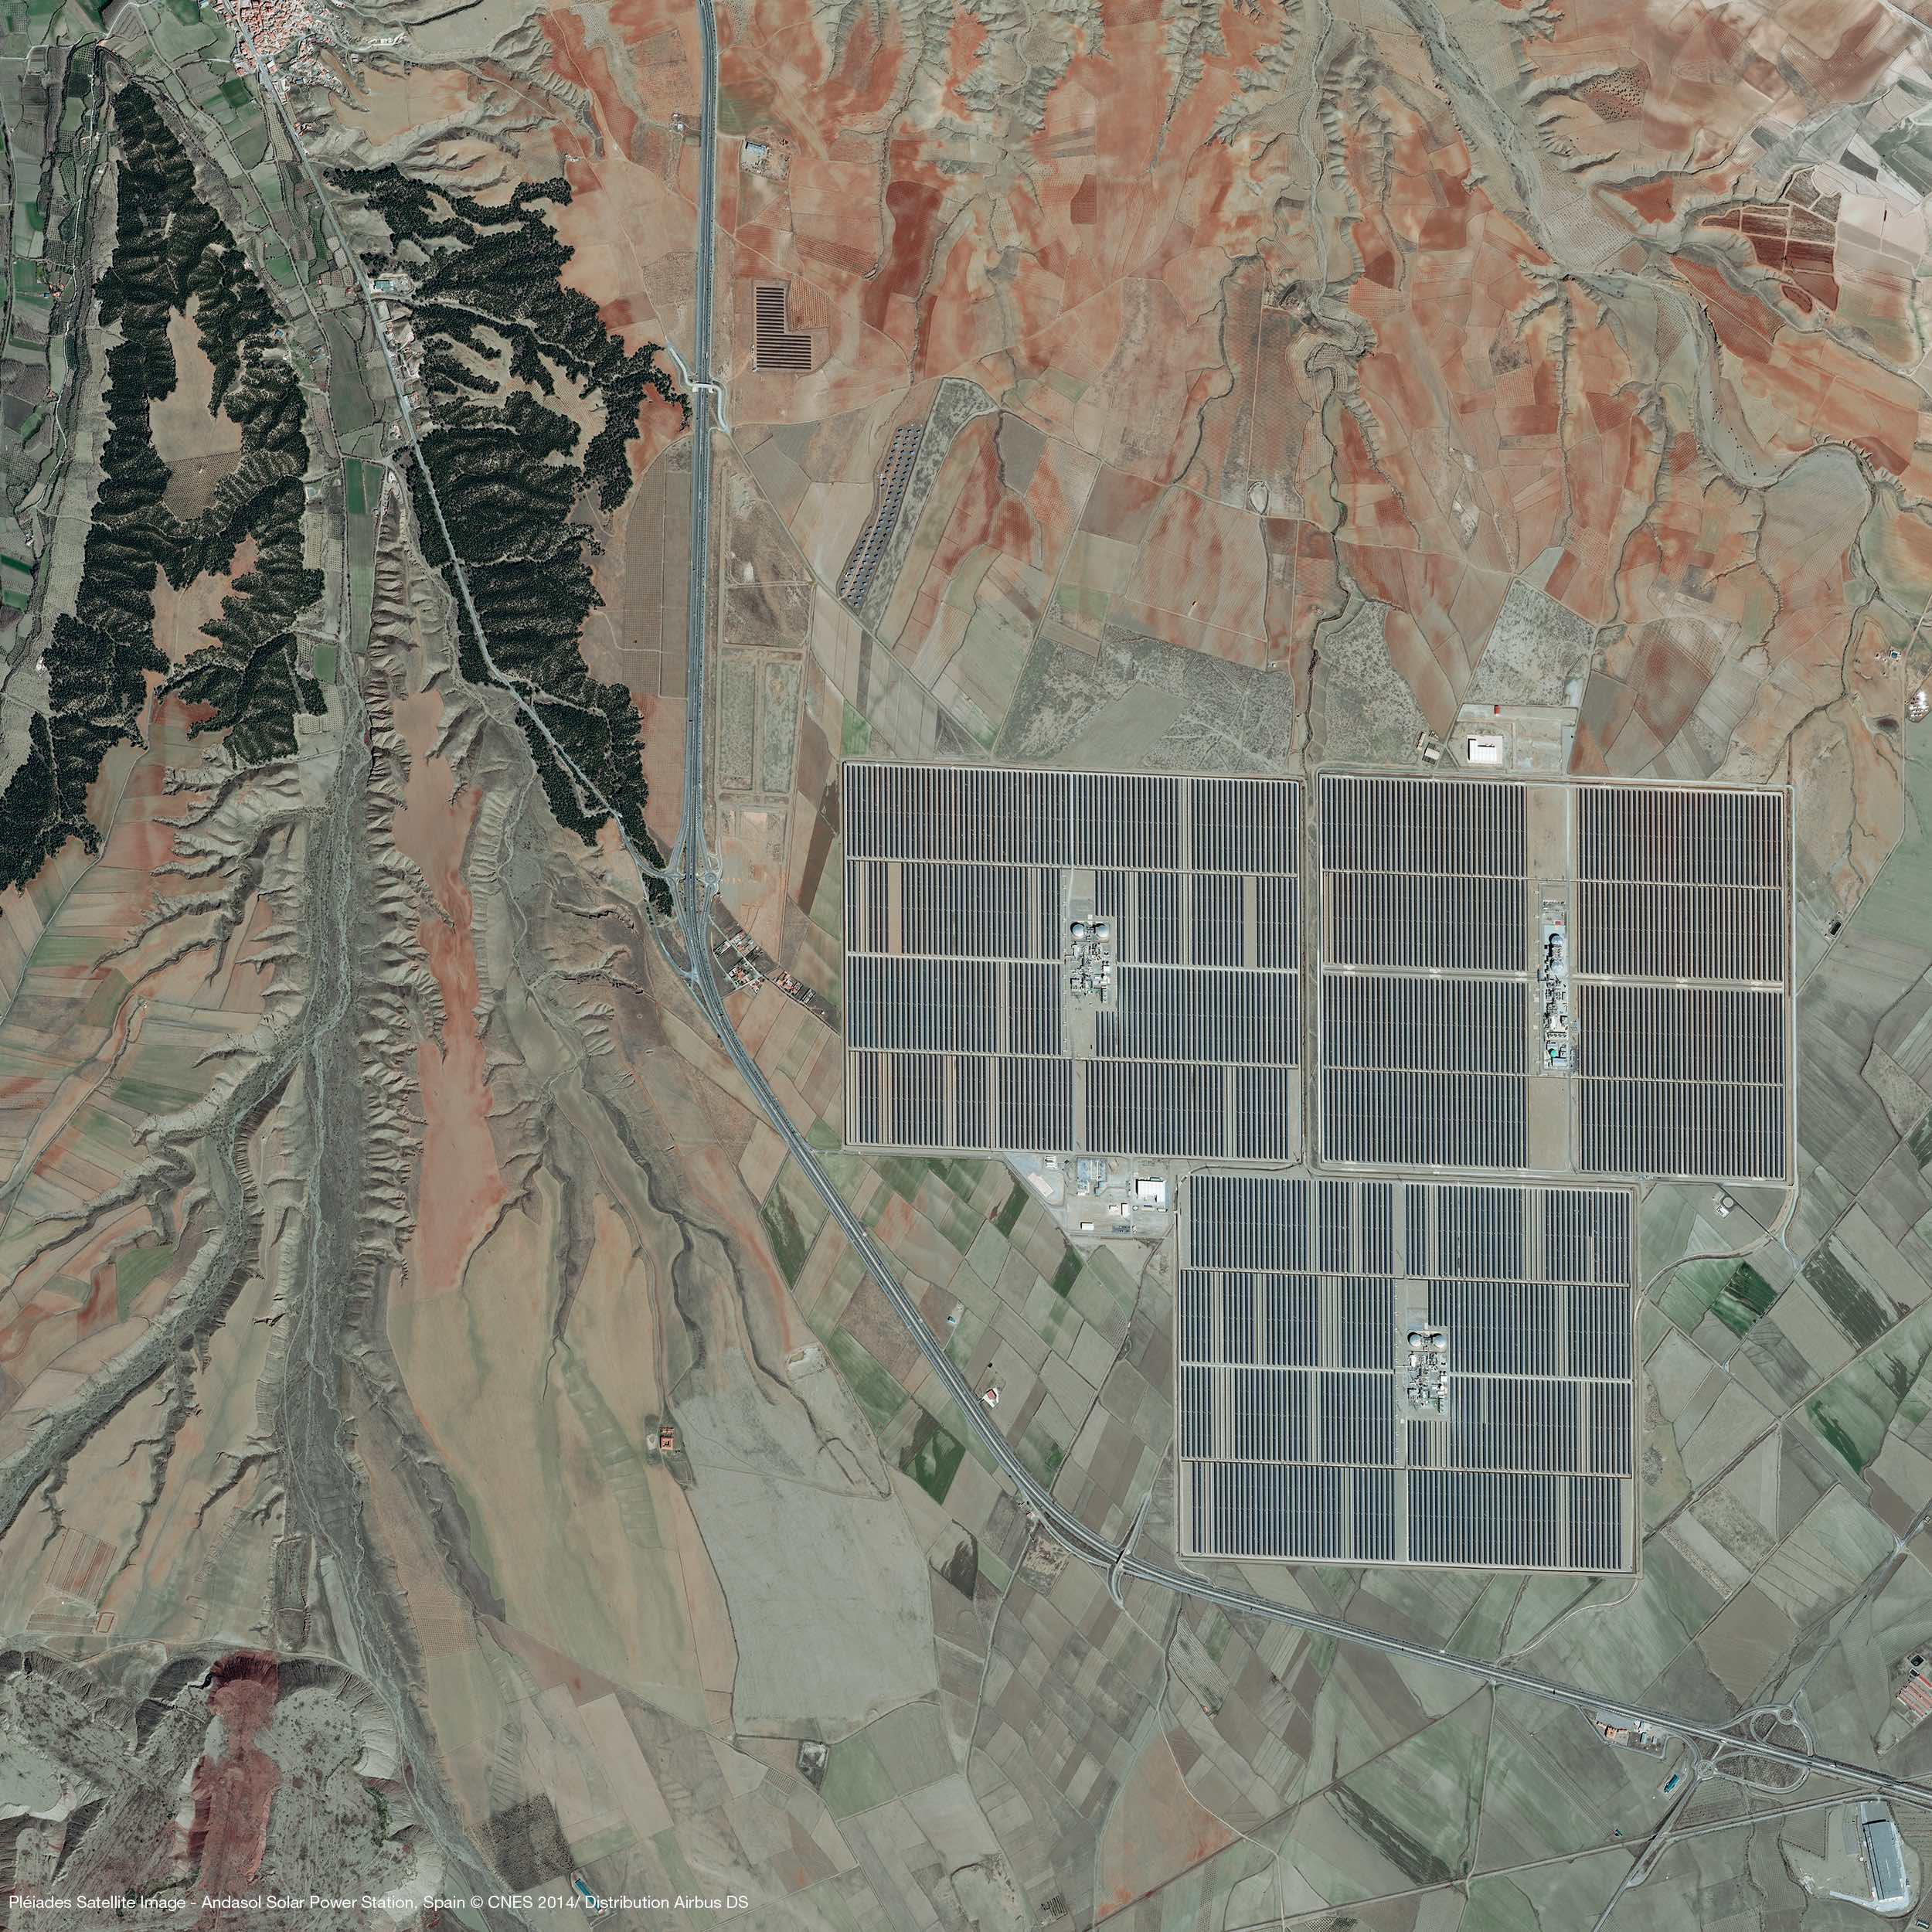 pleiades-satellite-image